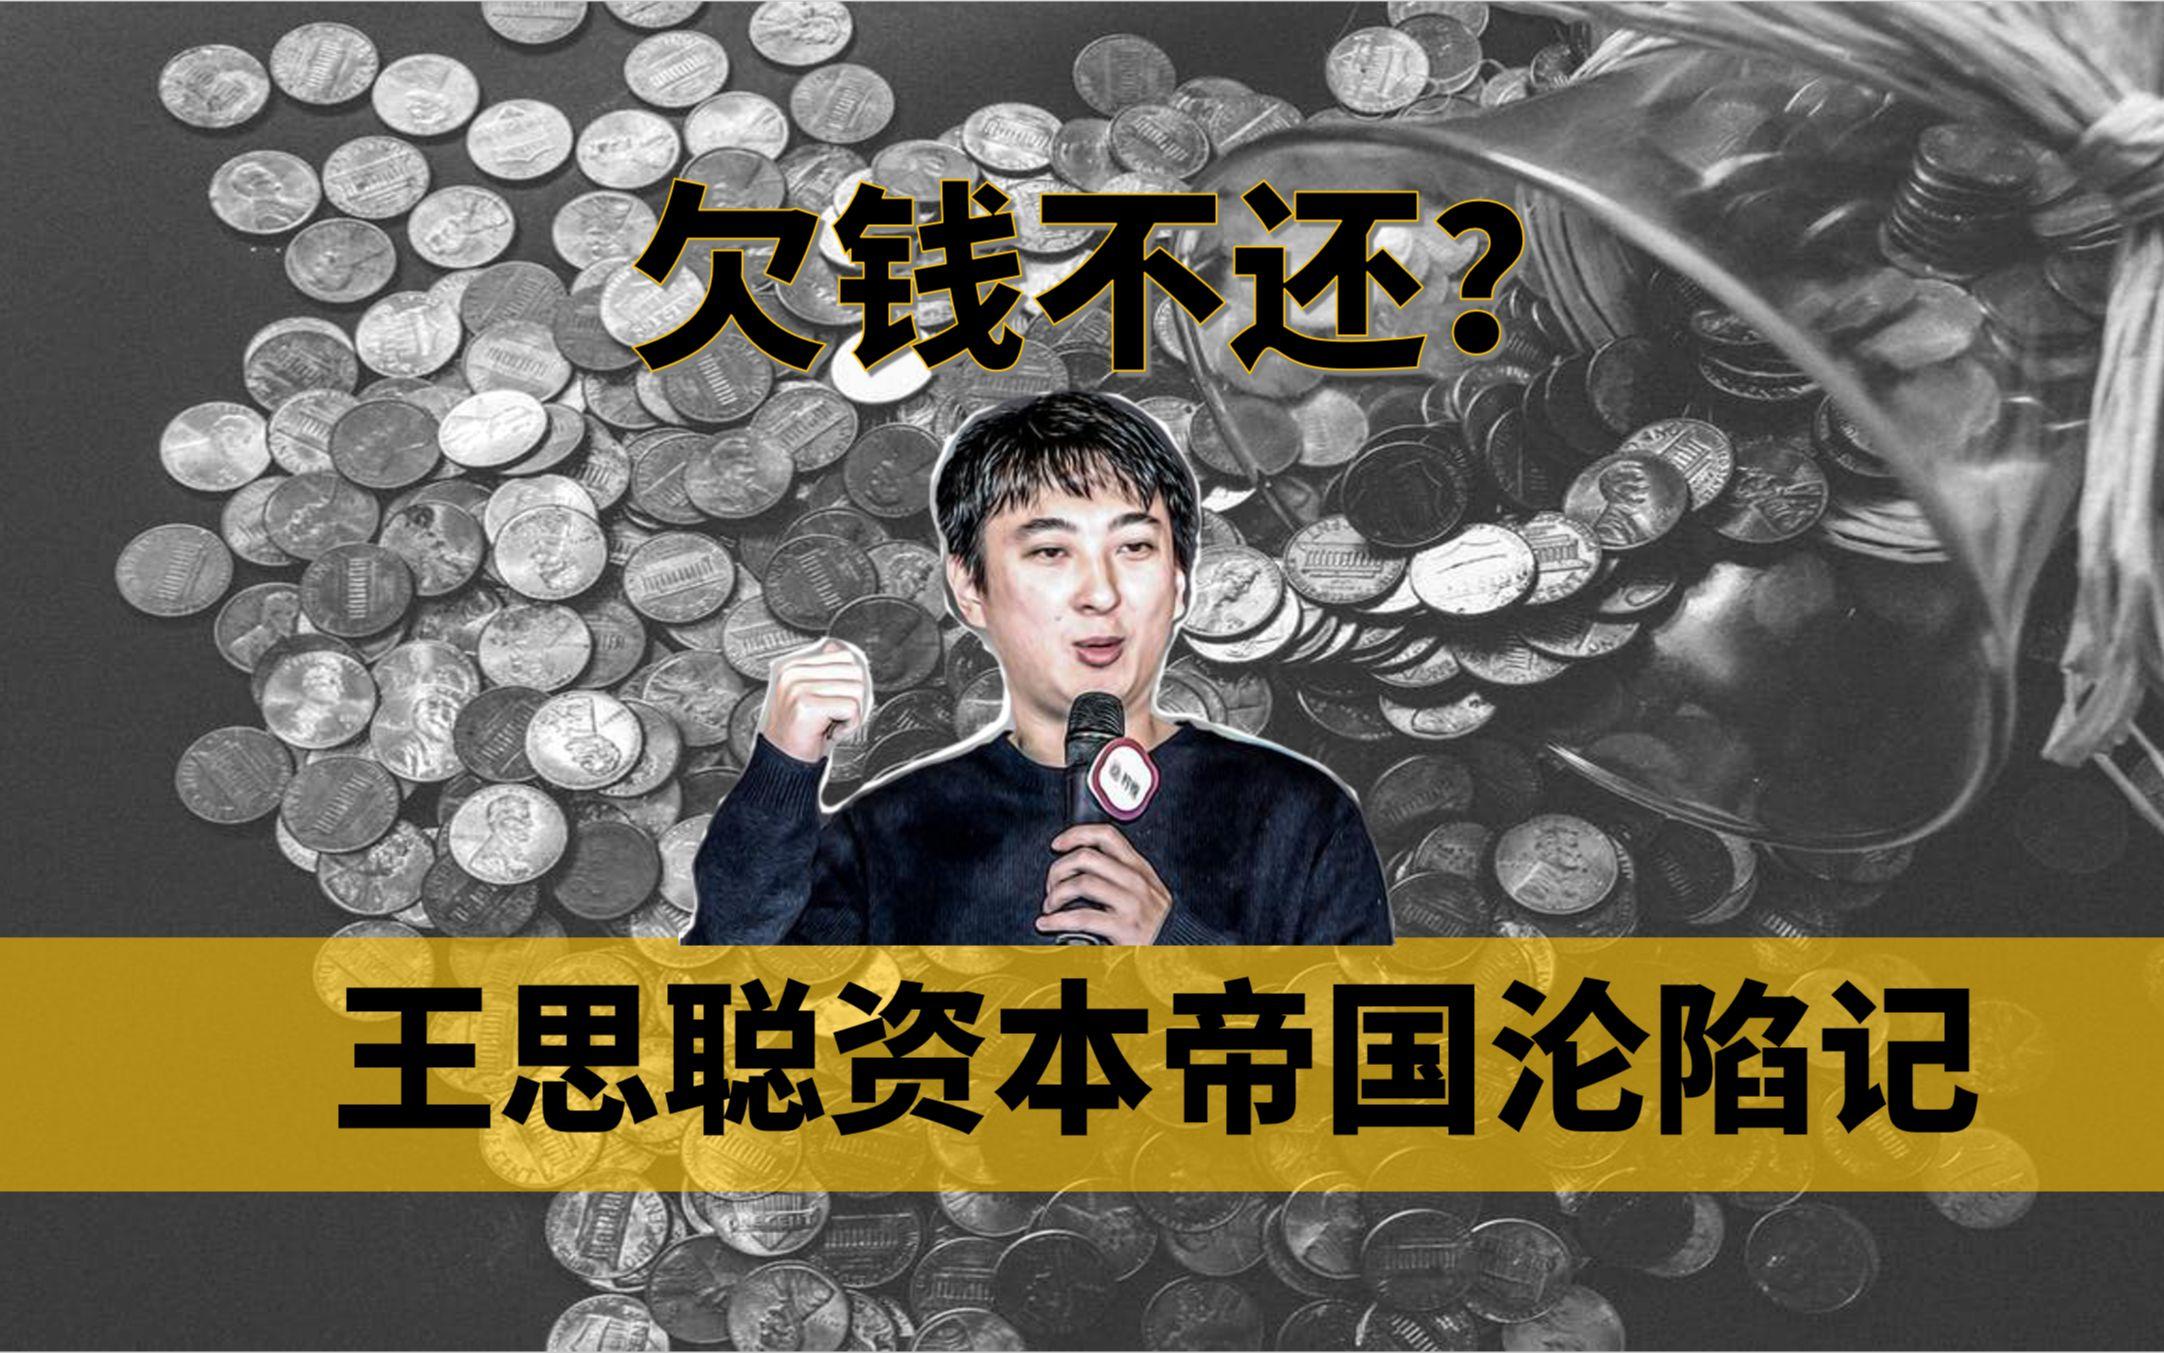 【中国商业史01】欠债不是1.5亿而是20亿,王思聪濒临破产其实另有隐情,揭秘国民老公背后的资本故事——冲浪普拉斯出品